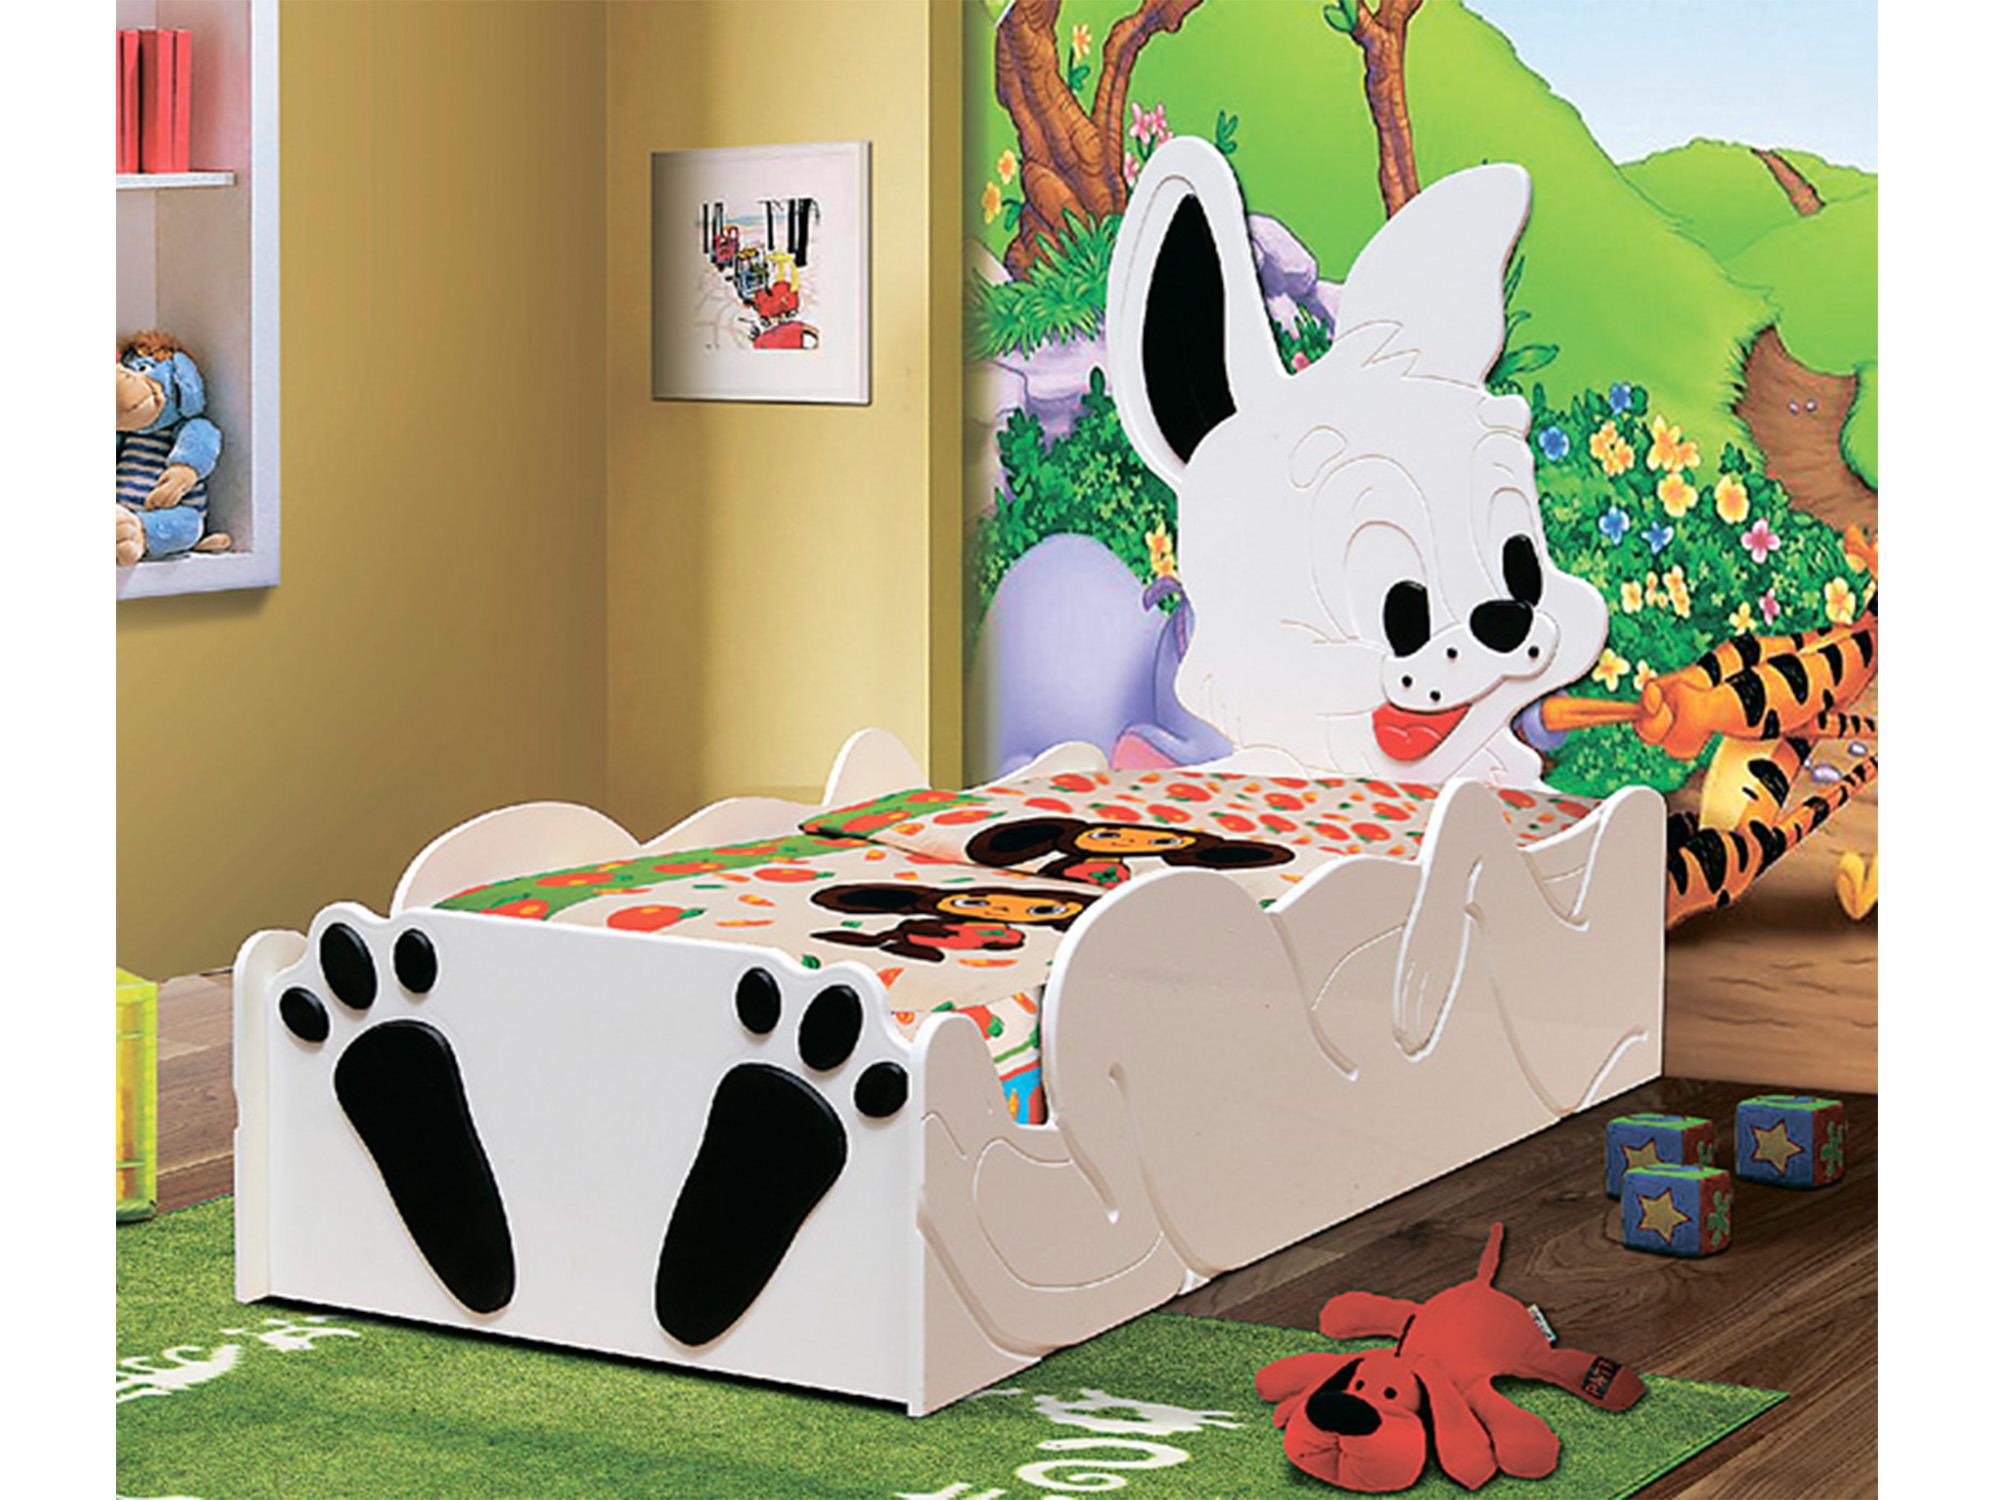 Кровать ЗайчонокДетские кровати<br><br><br>Длина мм: 810<br>Высота мм: 1270<br>Глубина мм: 1750